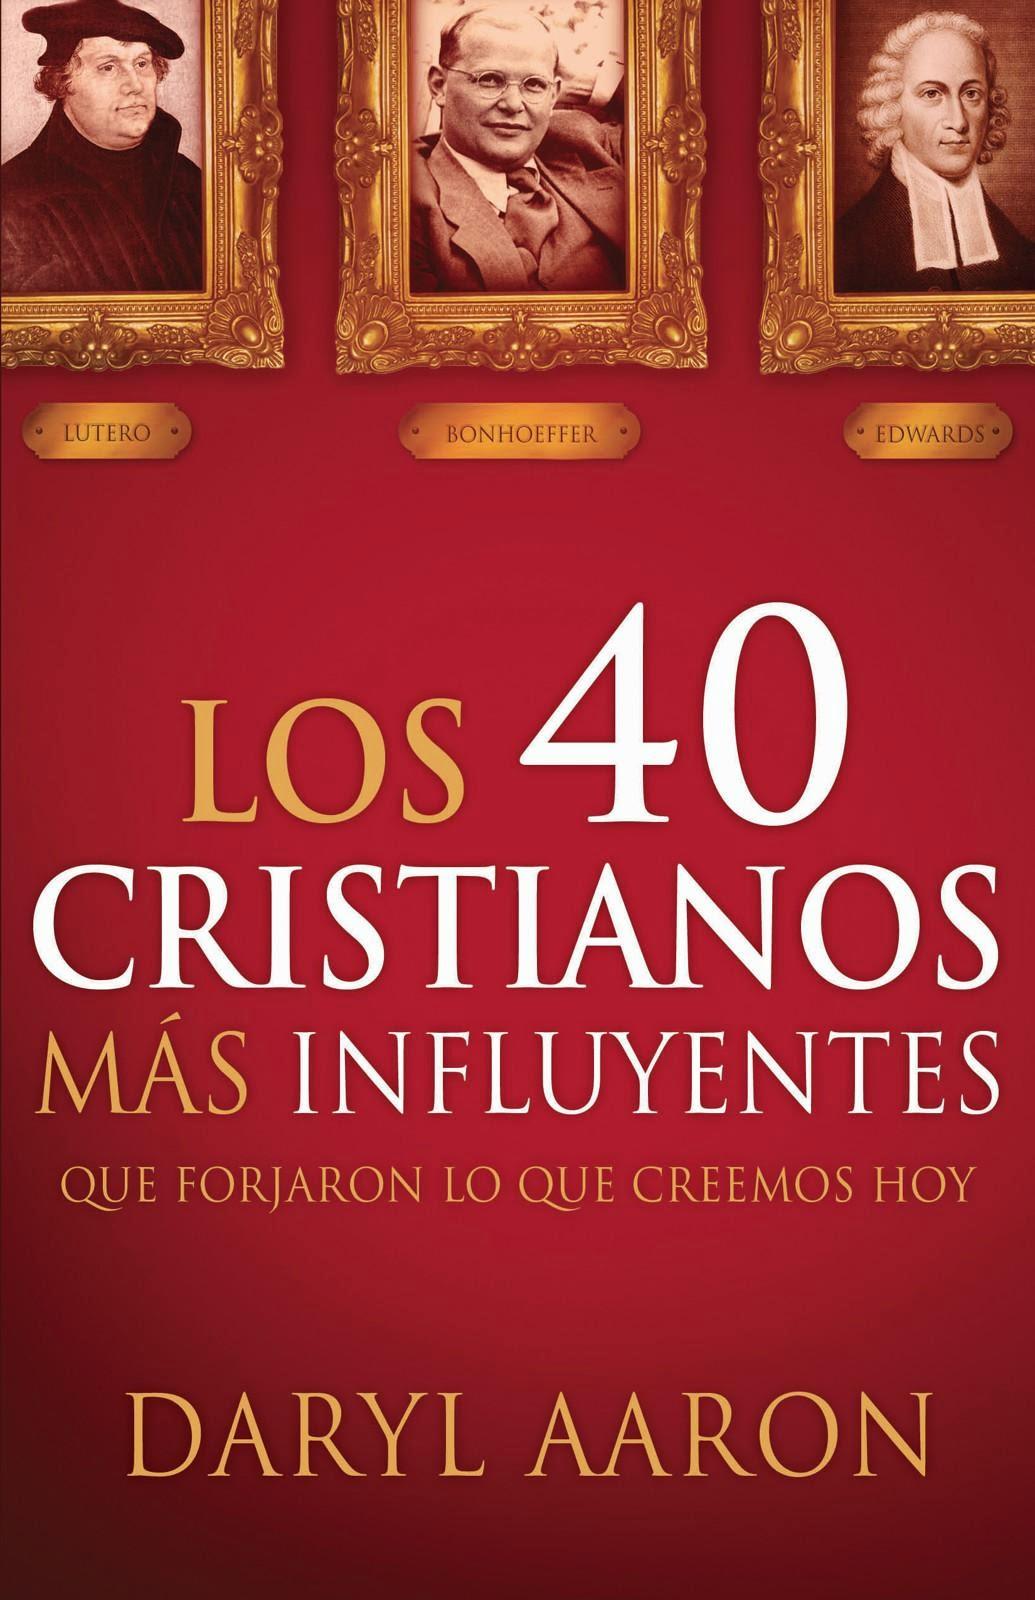 Daryl Aaron-Los 40 Cristianos Más Influyentes-